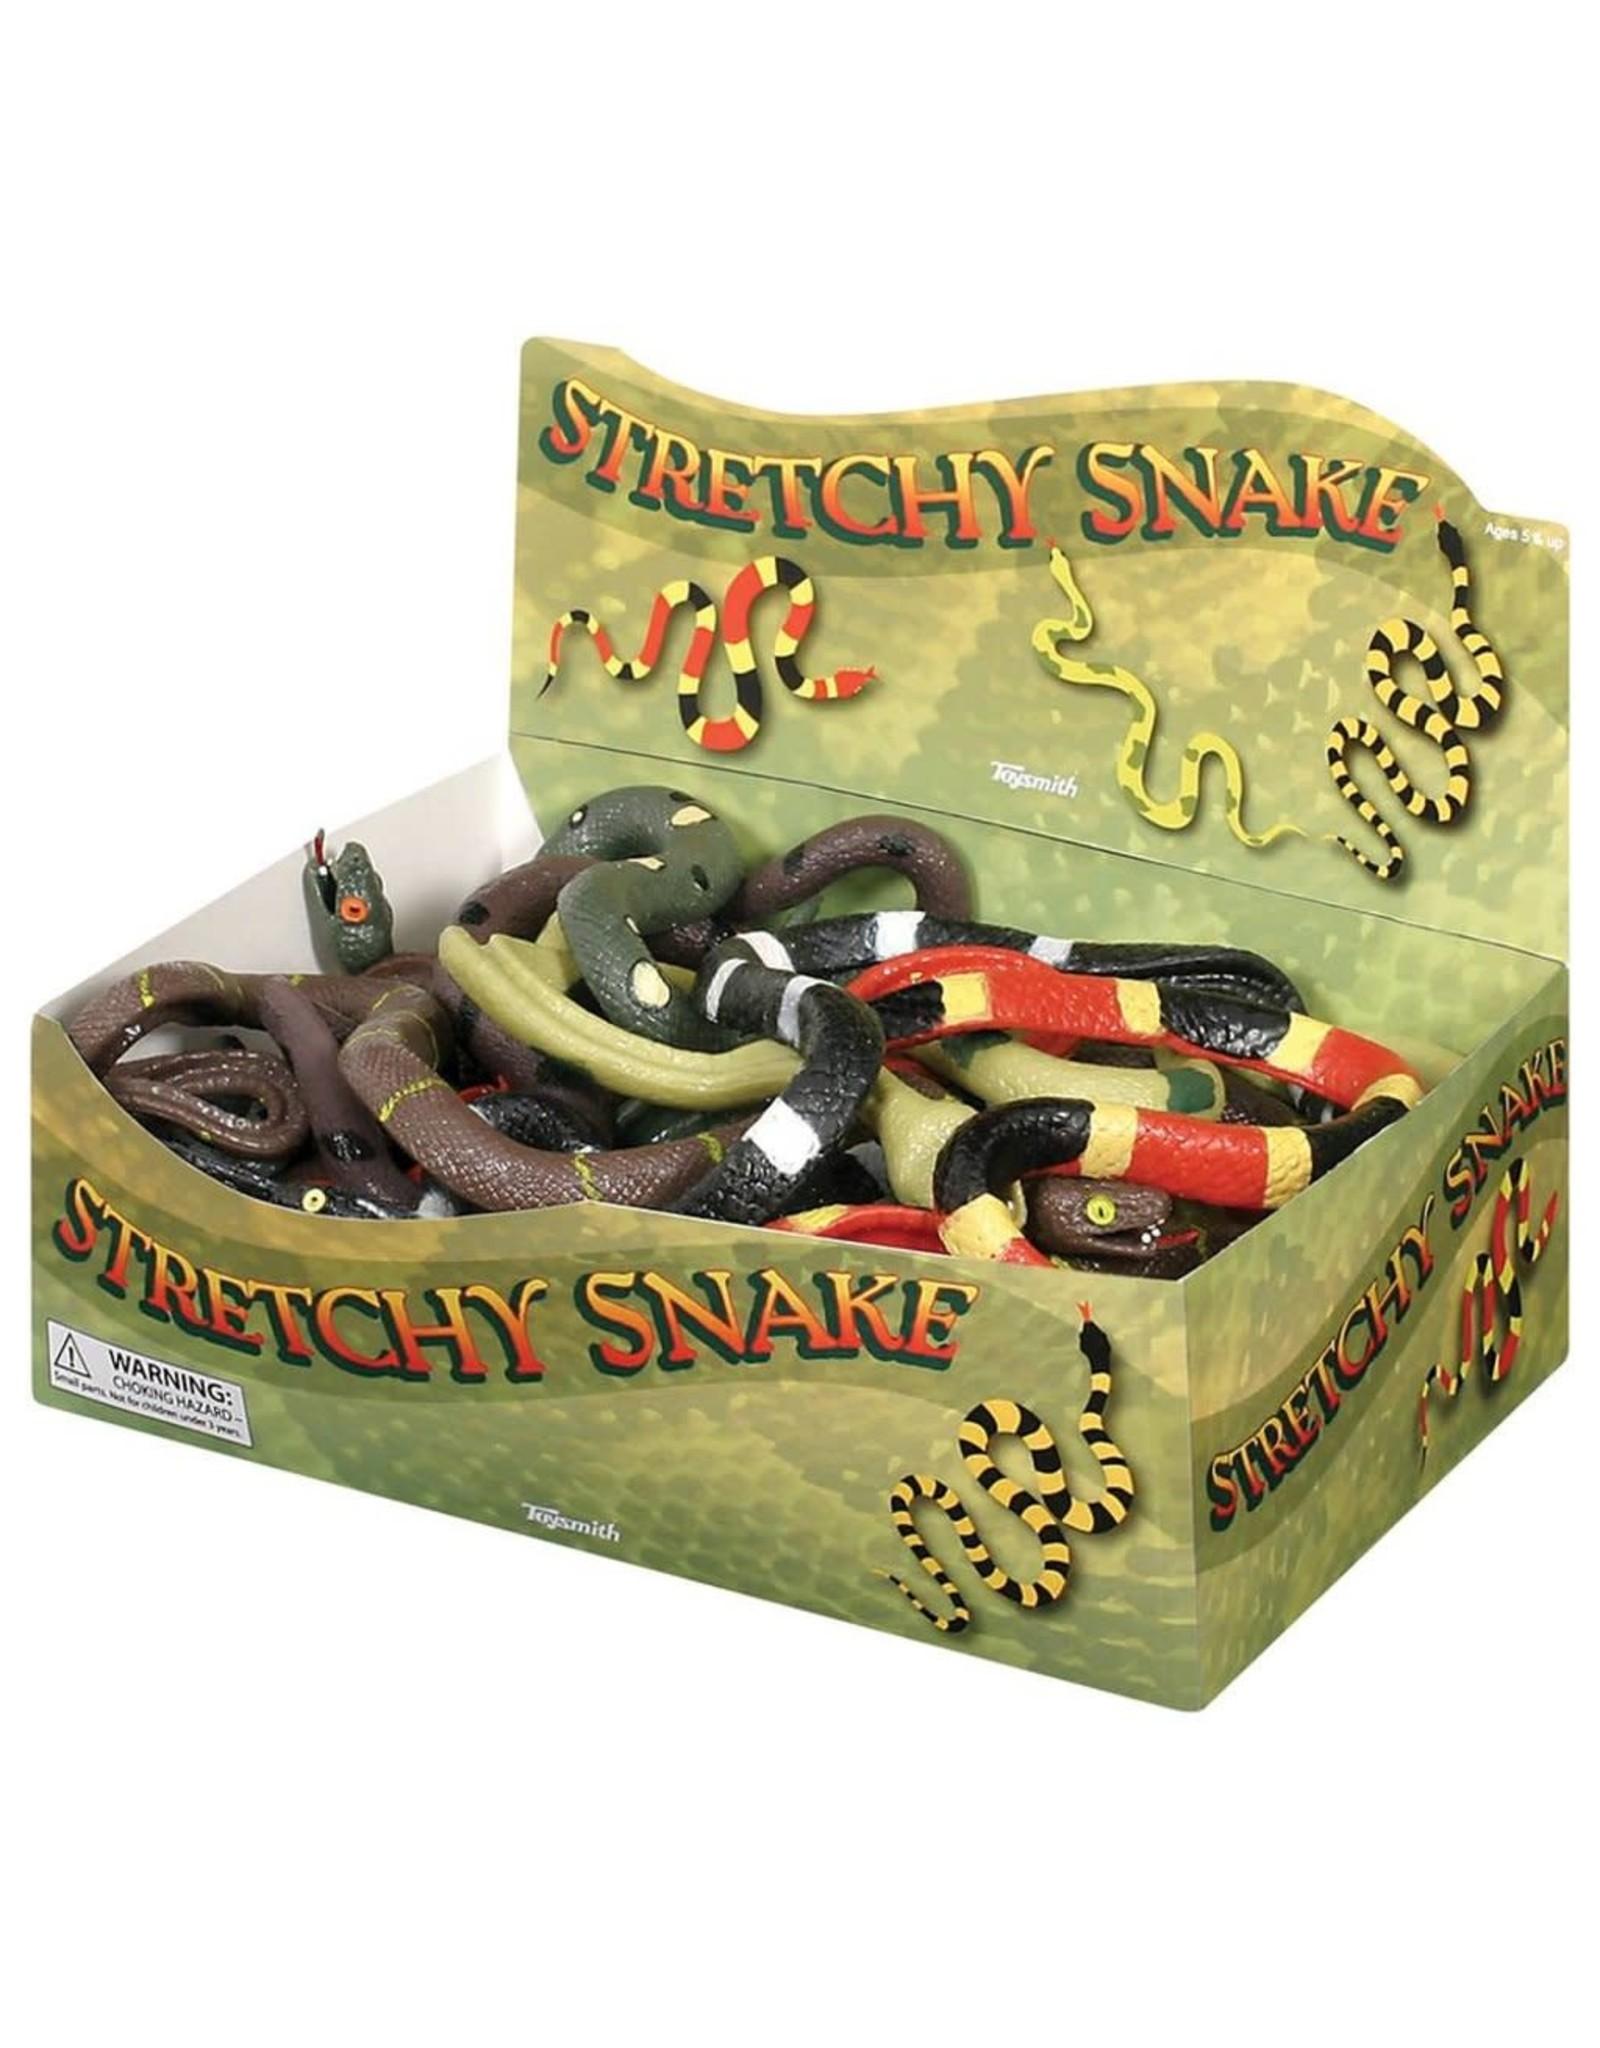 Toysmith Stretchy Snake